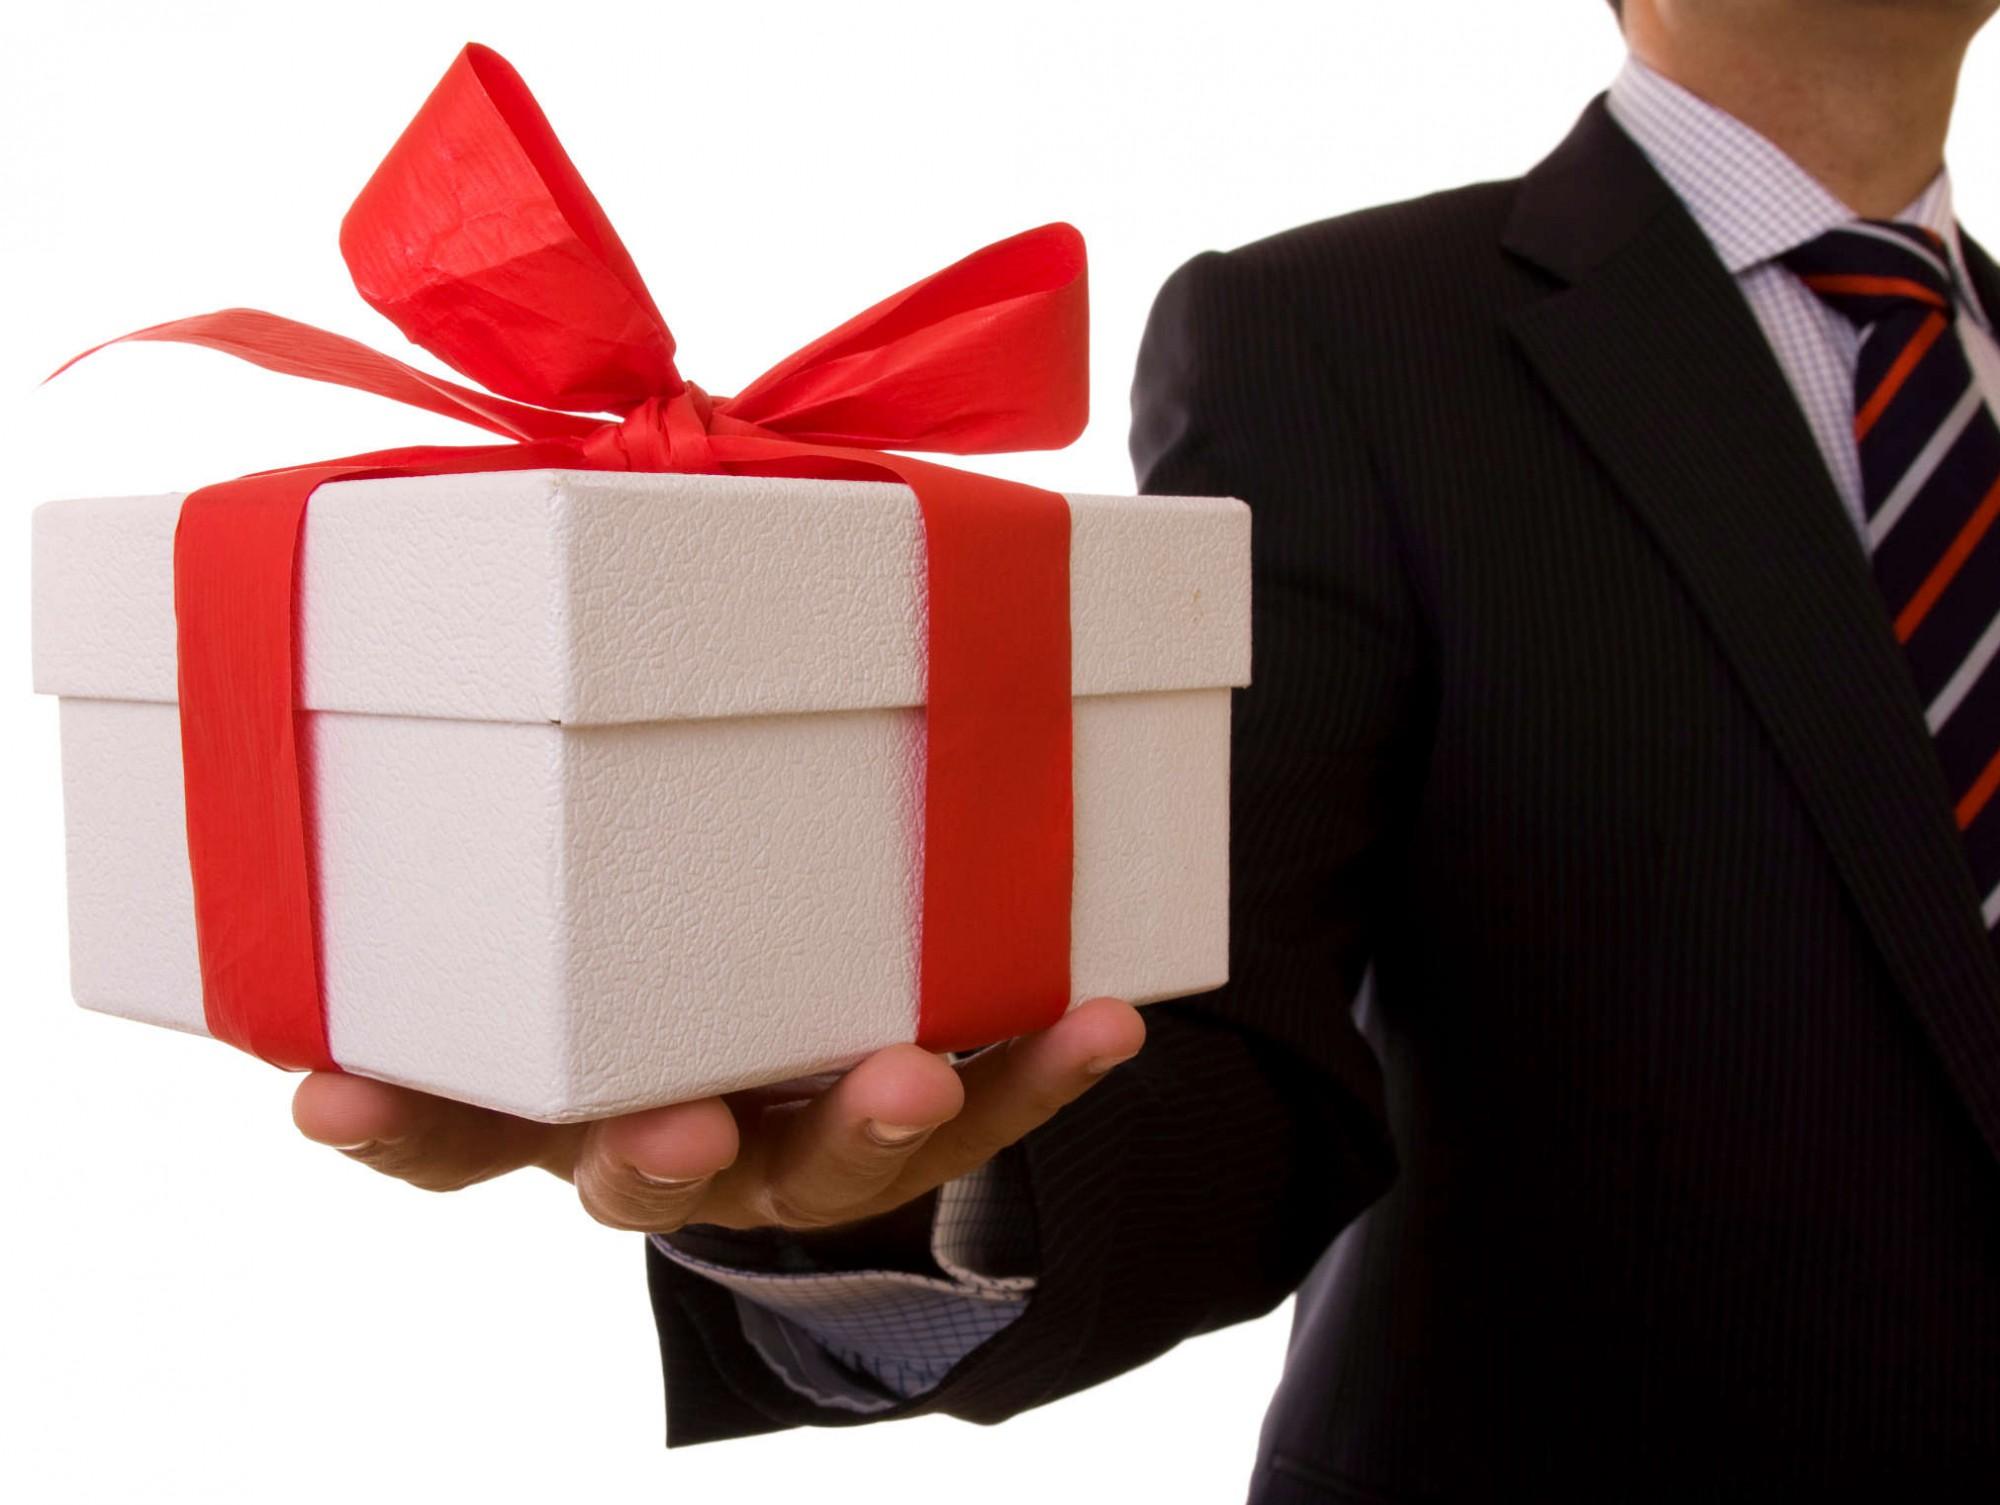 Павлодарские госслужащие остались без новогодних подарков, Павлодар, Госслужащие, Подарок